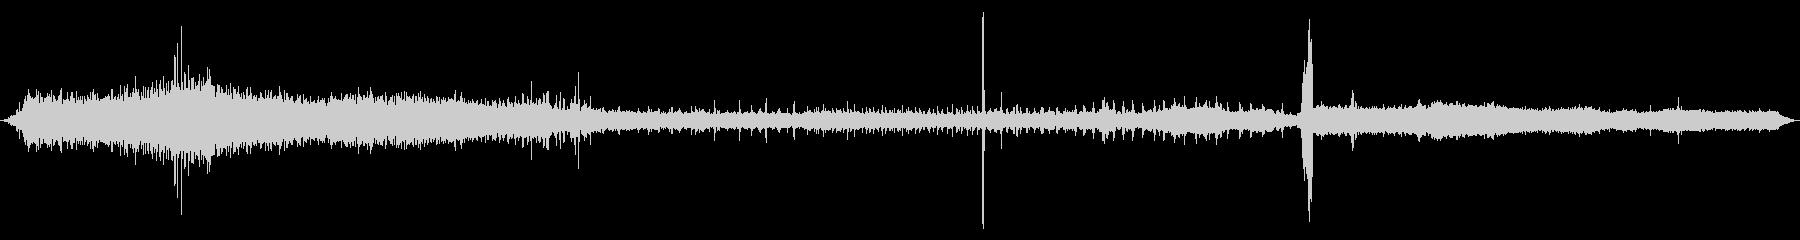 1907ボールドウィン蒸気機関車:...の未再生の波形